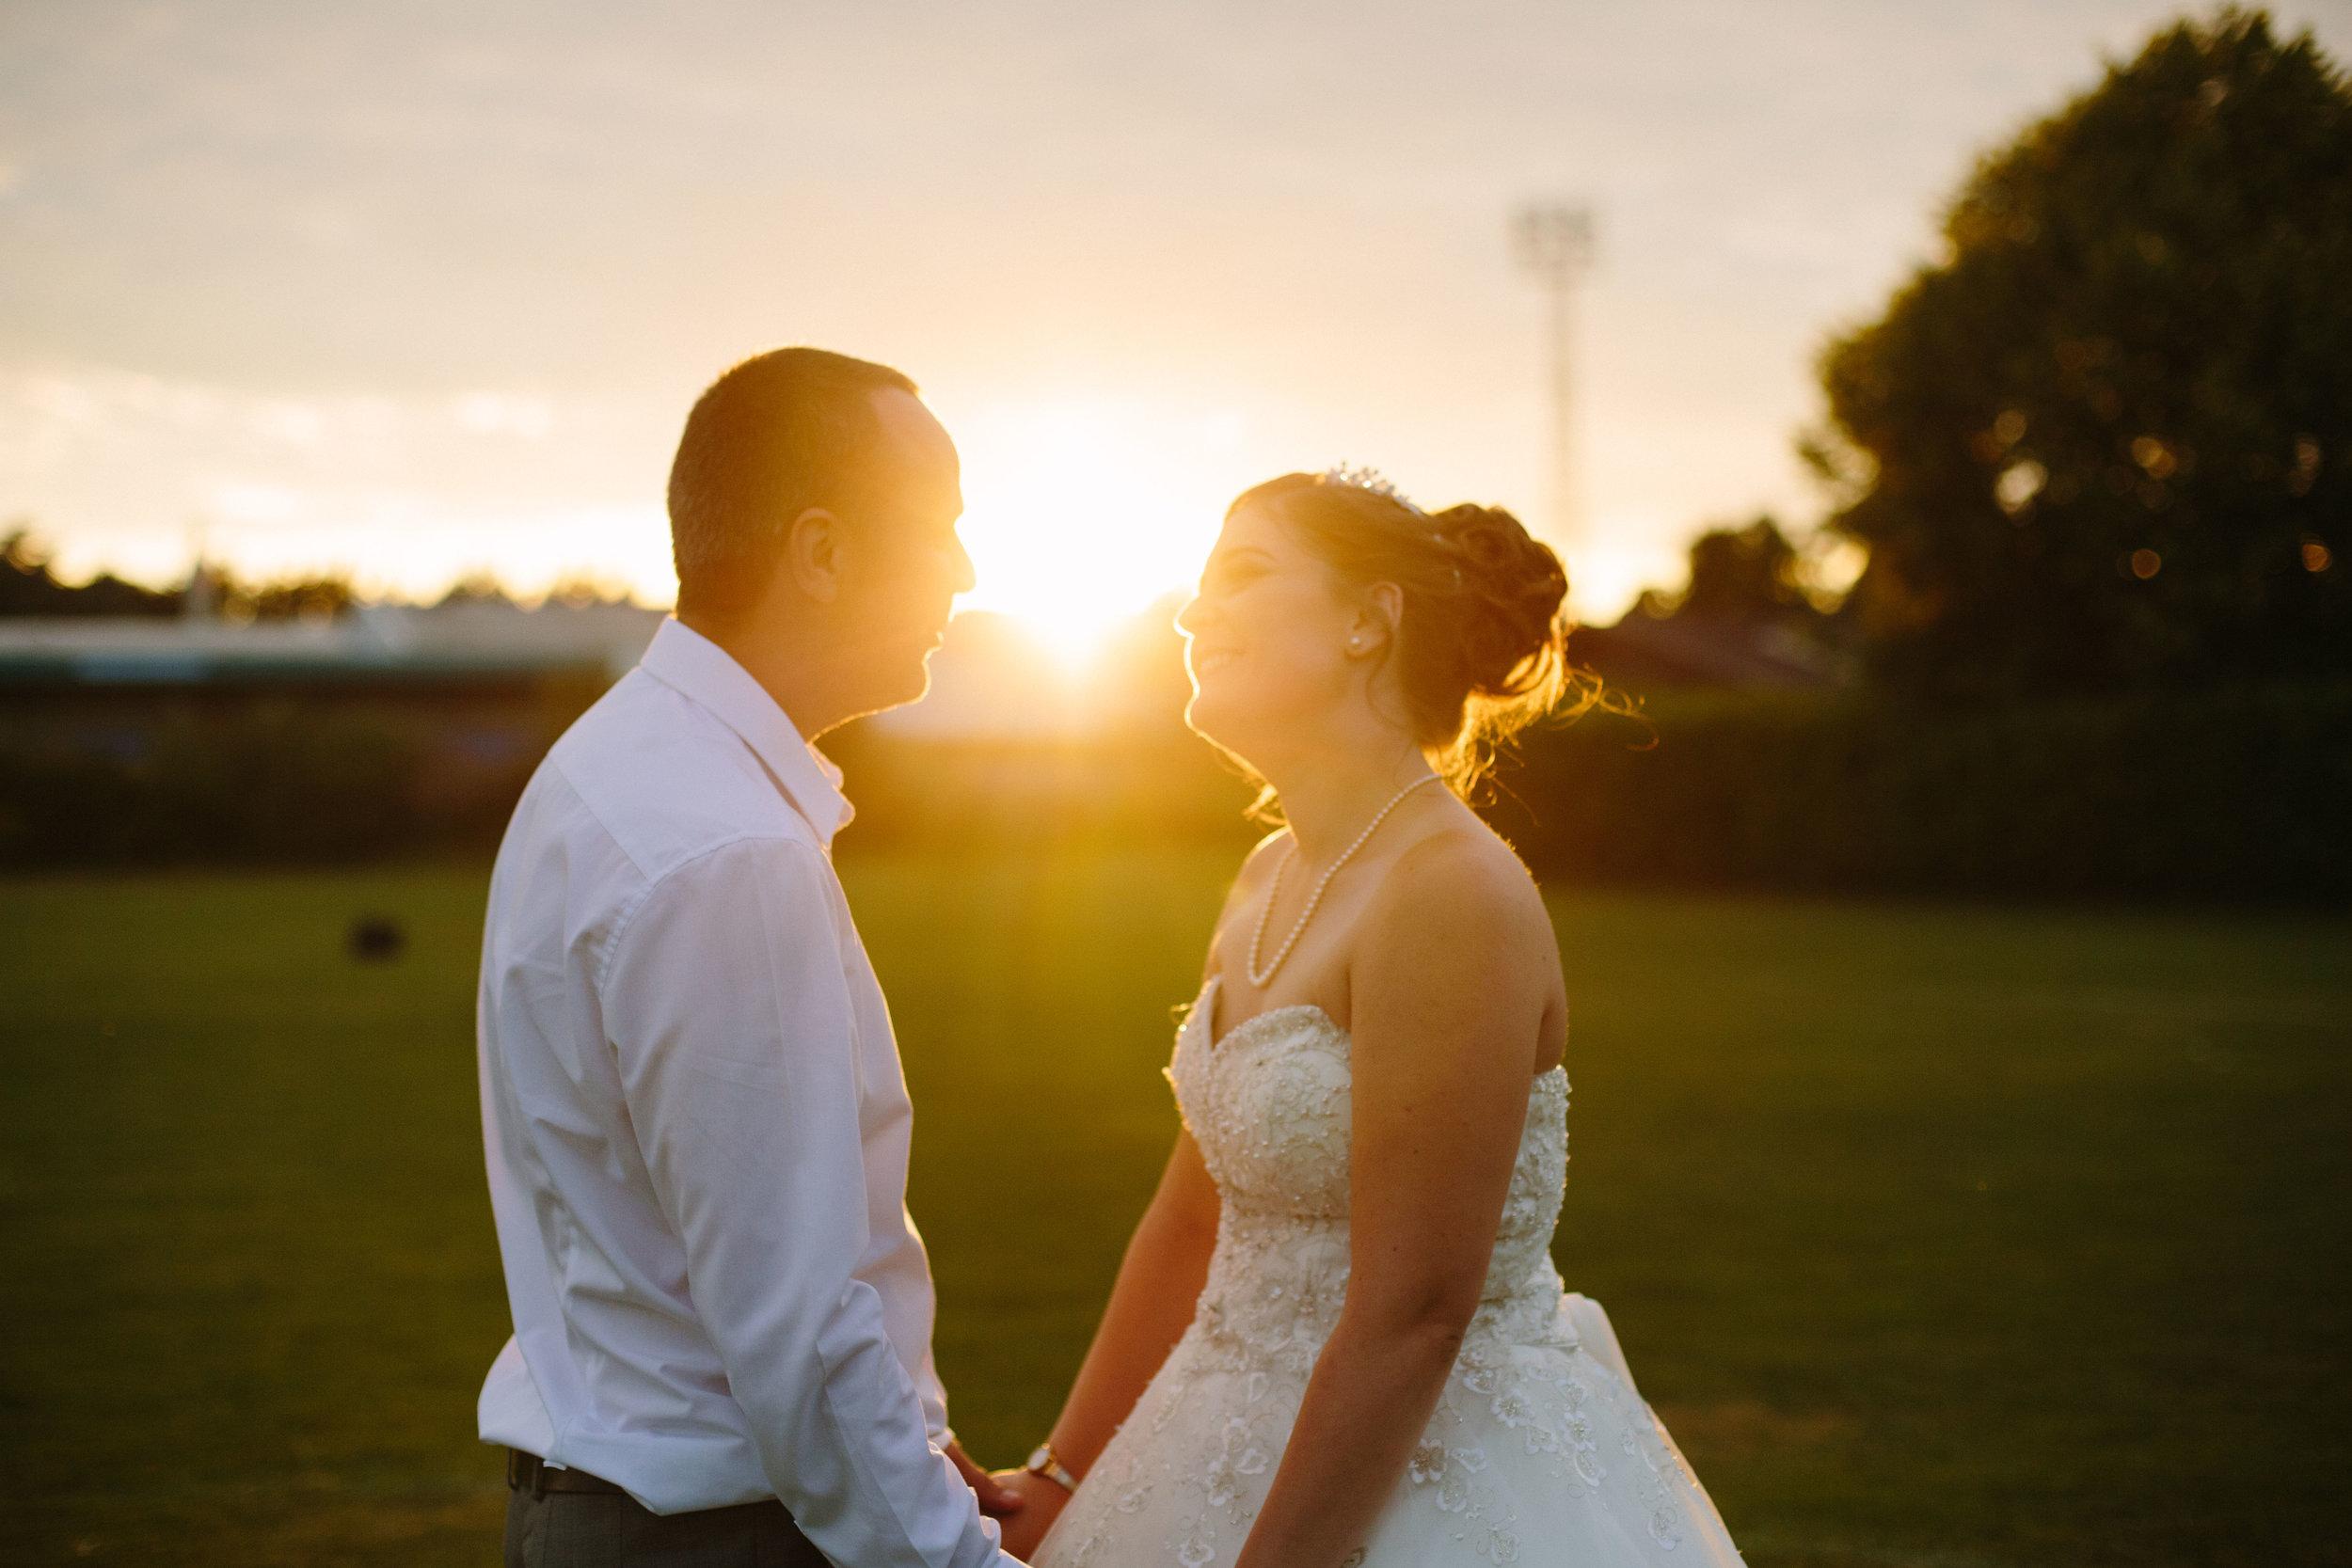 HamptonCourt-Wedding-Weybridge-Surrey-London-OatlandsParkHotel-46